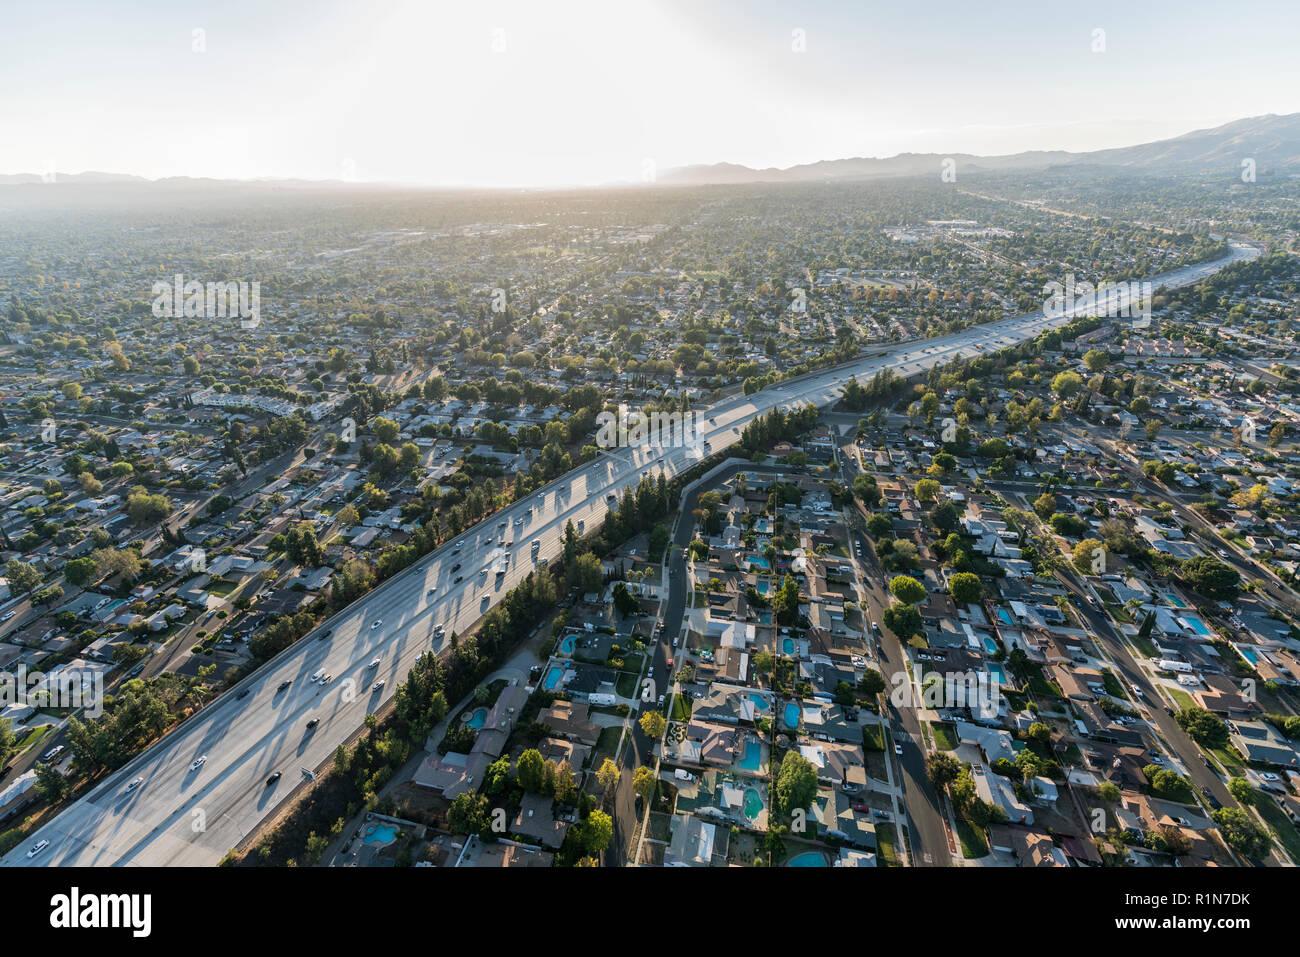 Vista aérea de la tarde sobre la ruta 118 Freeway, en el Valle de San Fernando, de Los Angeles, California. Foto de stock